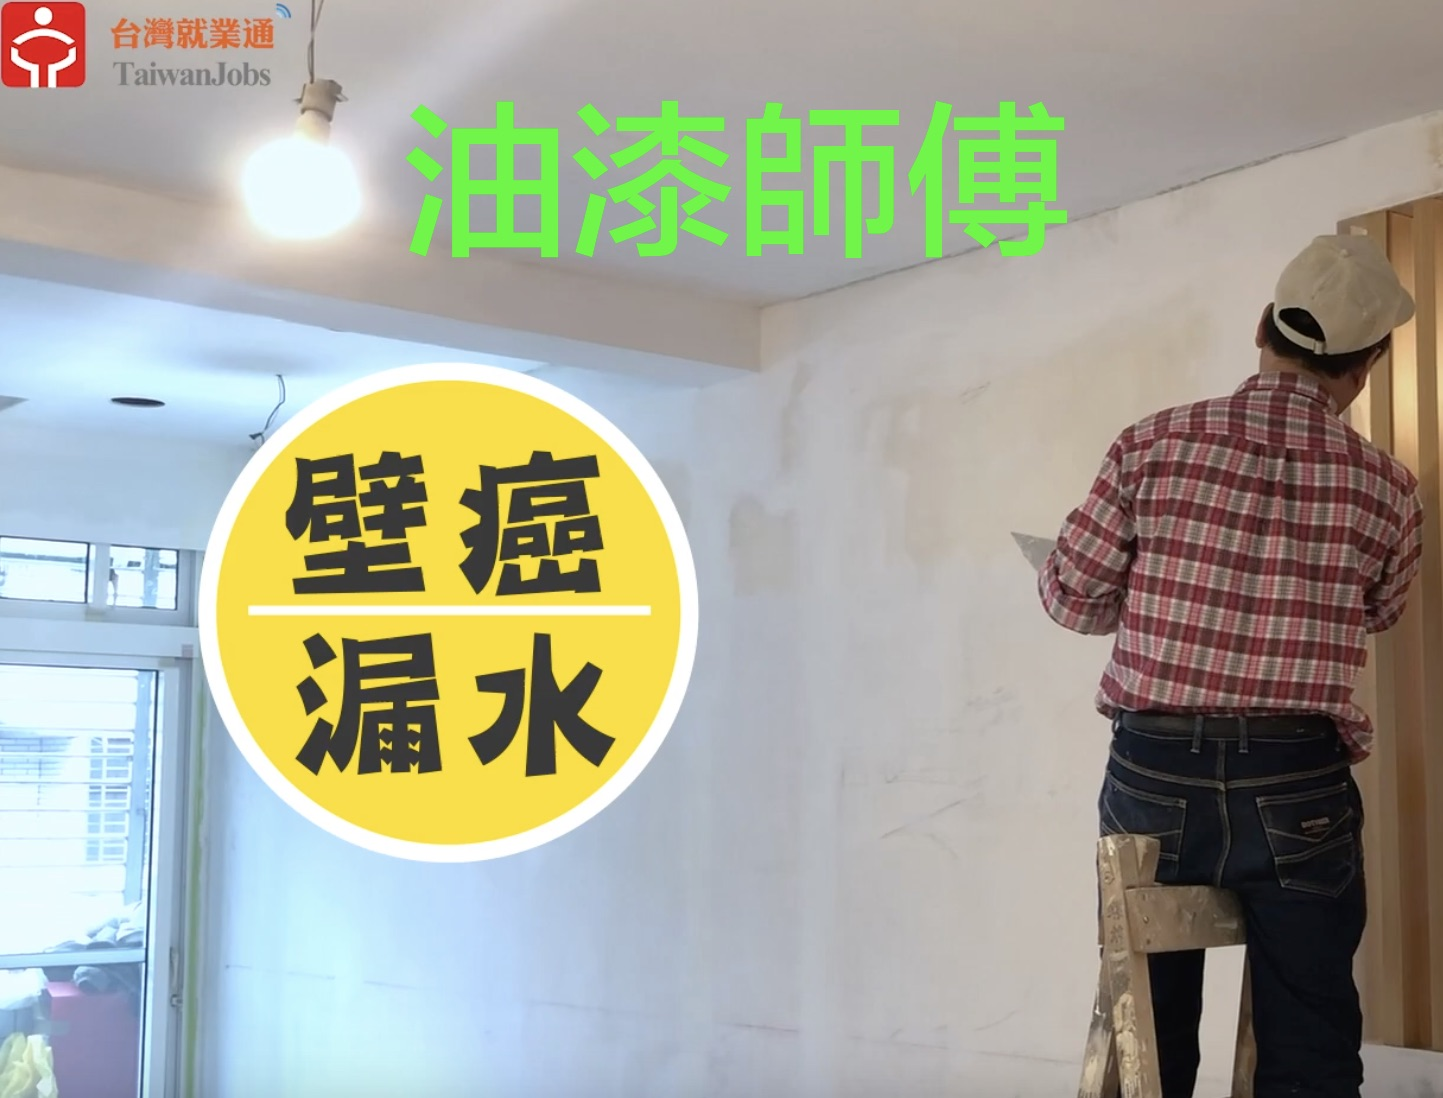 賈伯斯時間-油漆師傅 | 職場達人的一天